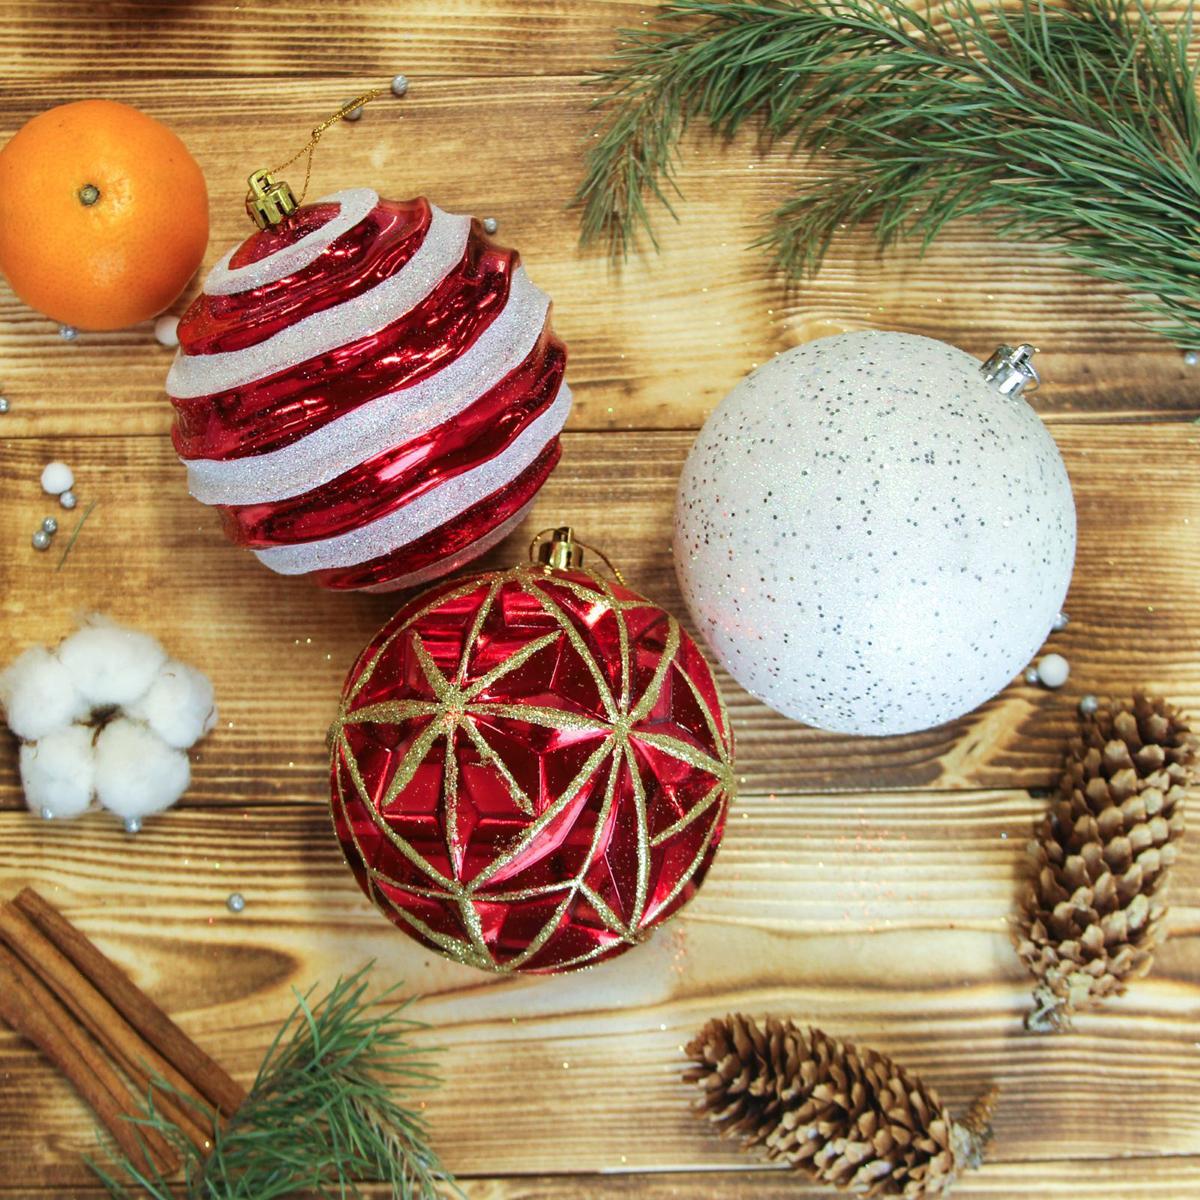 Набор новогодних подвесных украшений Sima-land Разноцвет, диаметр 10 см, 6 шт2371186Набор новогодних подвесных украшений Sima-land отлично подойдет для декорации вашего дома и новогодней ели. С помощью специальной петельки украшение можно повесить в любом понравившемся вам месте. Но, конечно, удачнее всего оно будет смотреться на праздничной елке. Елочная игрушка - символ Нового года. Она несет в себе волшебство и красоту праздника. Создайте в своем доме атмосферу веселья и радости, украшая новогоднюю елку нарядными игрушками, которые будут из года в год накапливать теплоту воспоминаний.